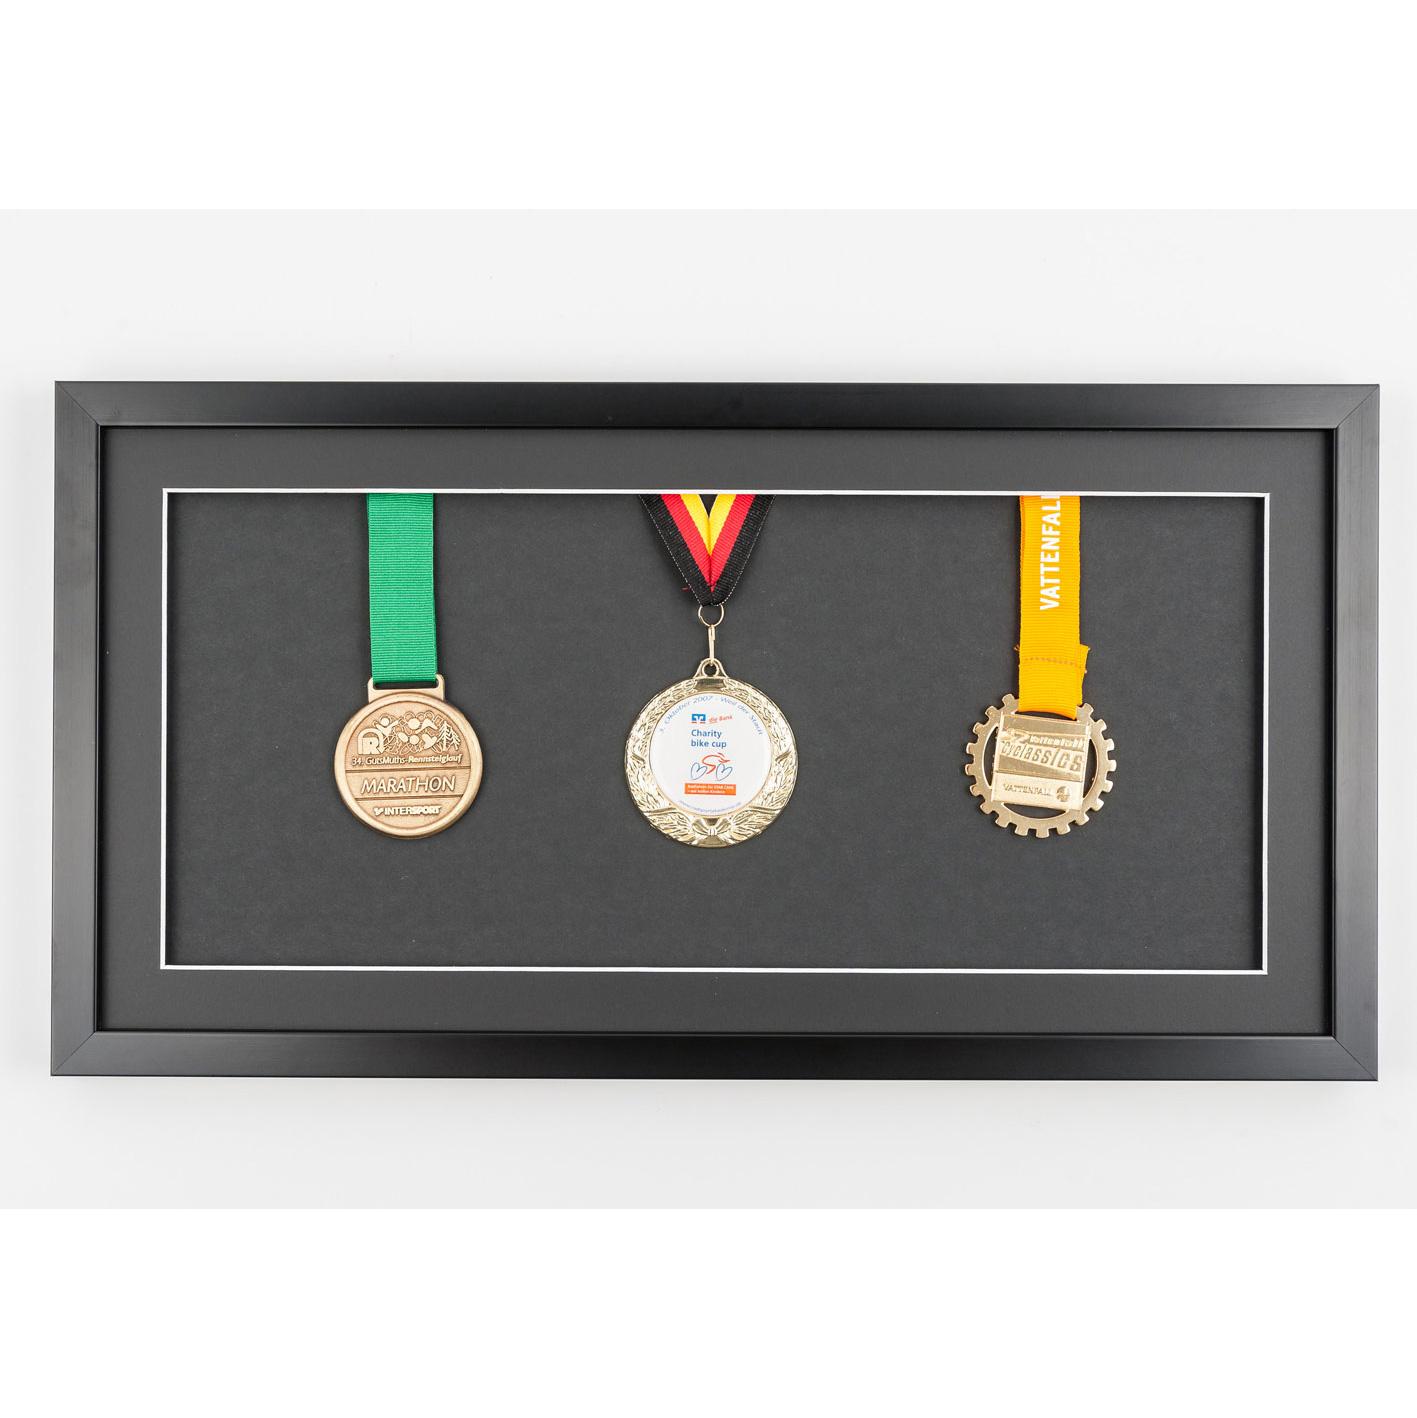 Medaljram 25x50 cm, svart